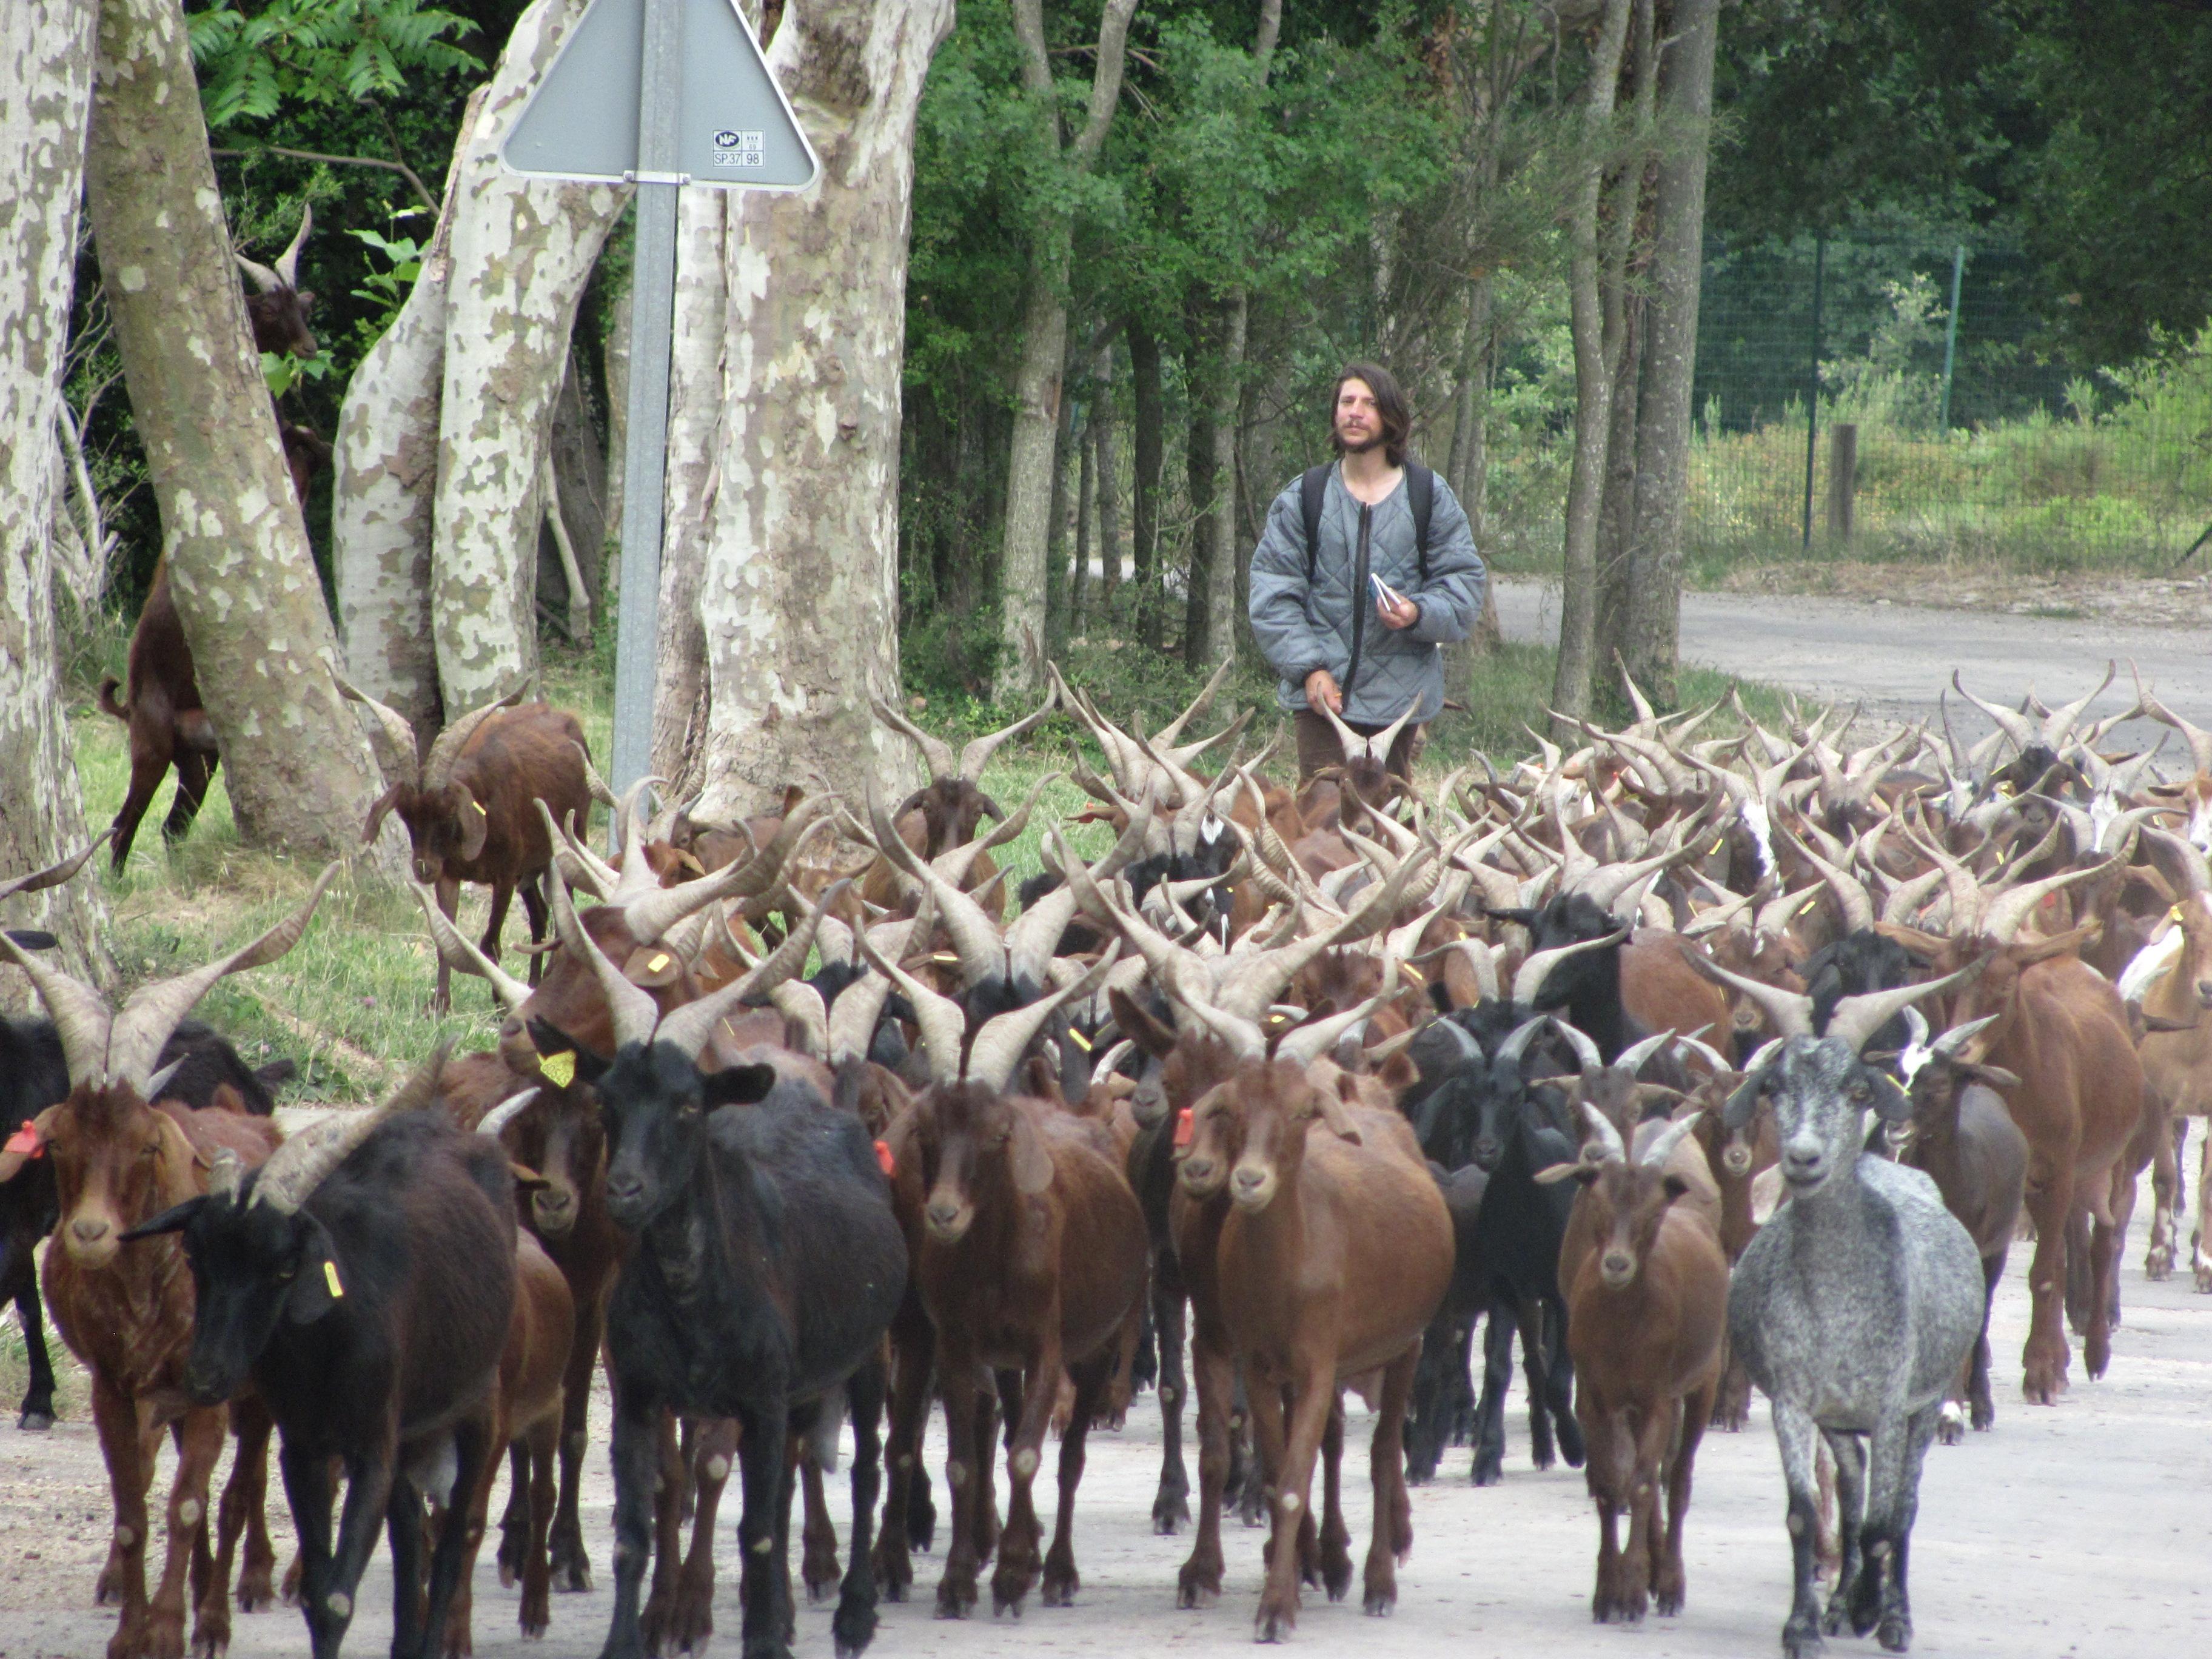 Aux Portes de Marseille : un troupeau de Chèvres (Cabres), comme un air de campagne !